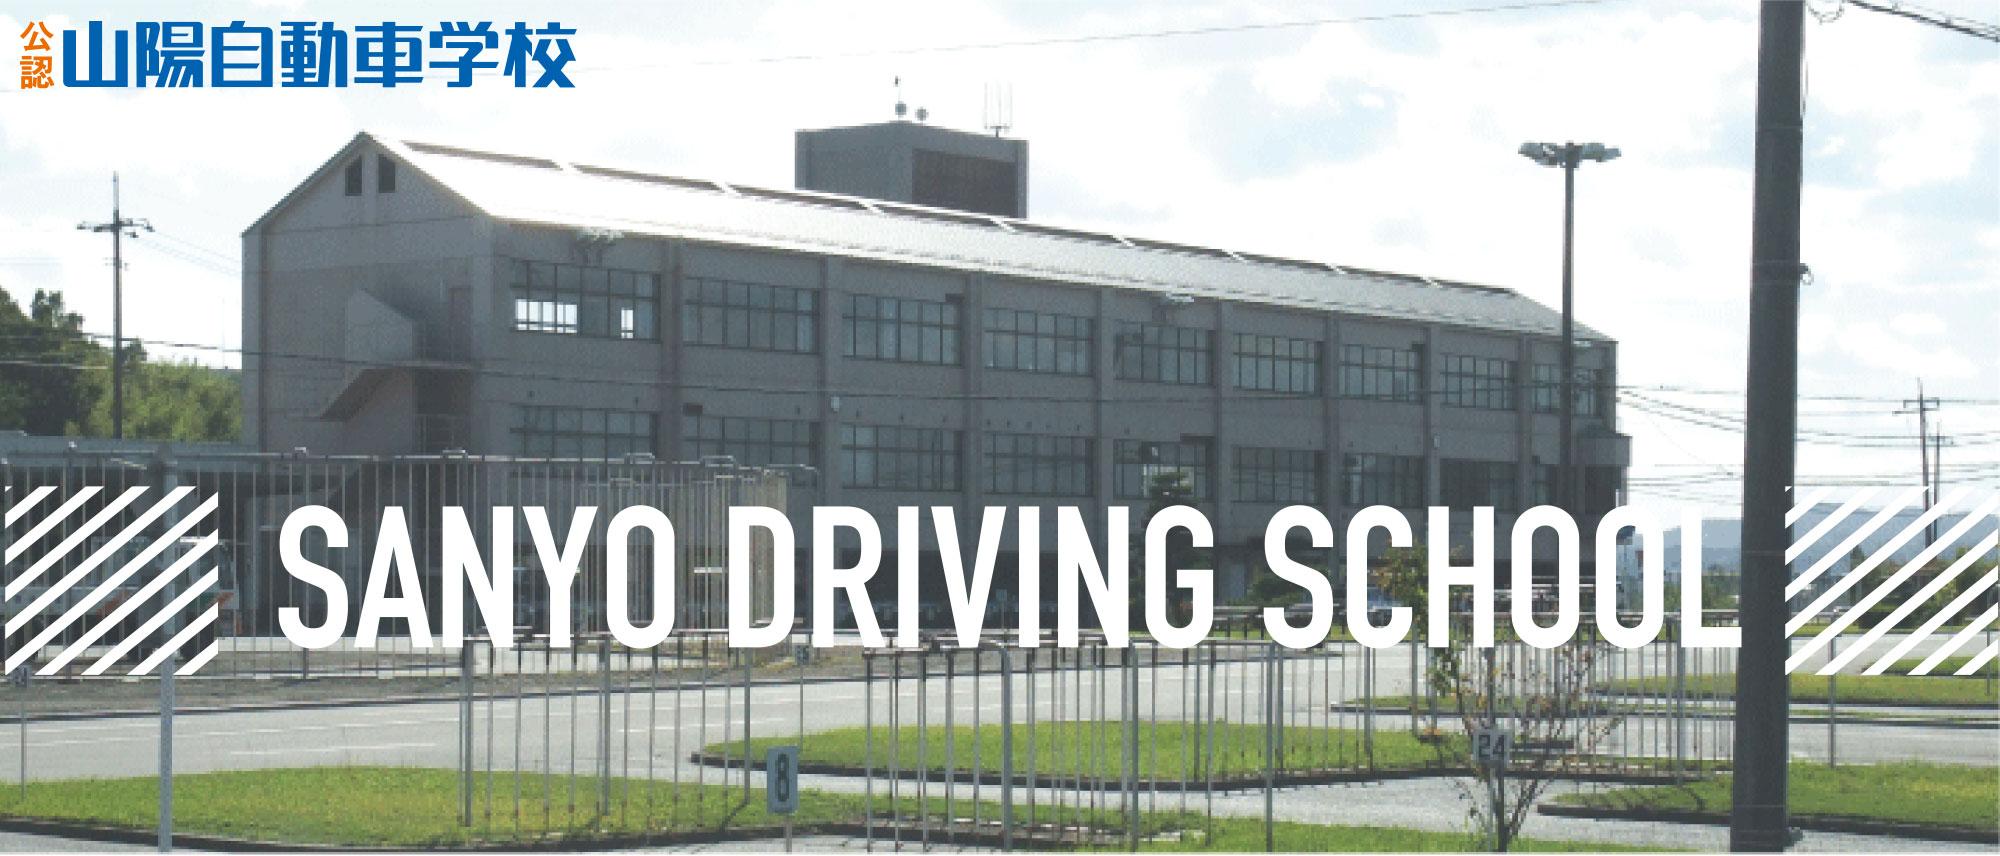 山陽自動車学校